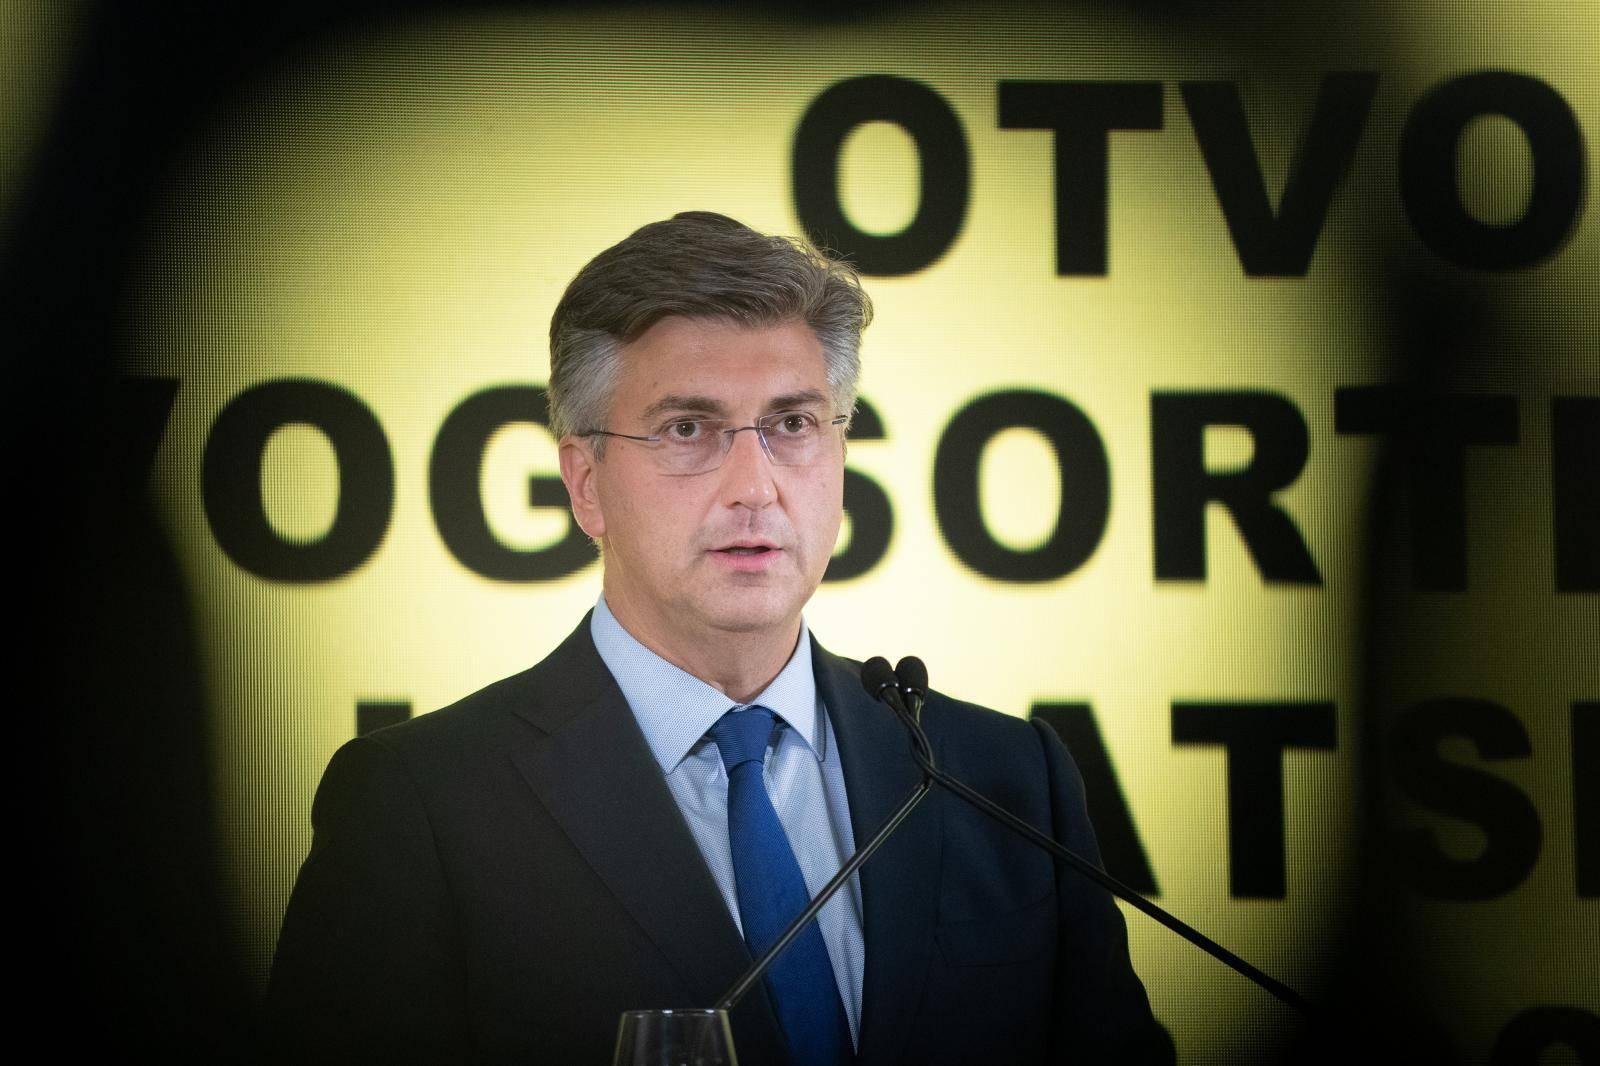 Hrvatska pošta otvorila je novi centar vrijedan 350 milijuna kn